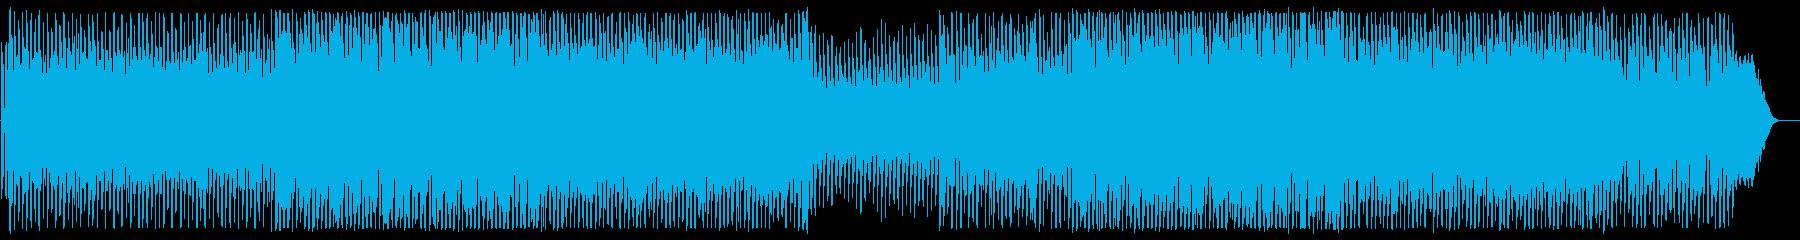 明るい夢のあるシンセサイザーの曲の再生済みの波形